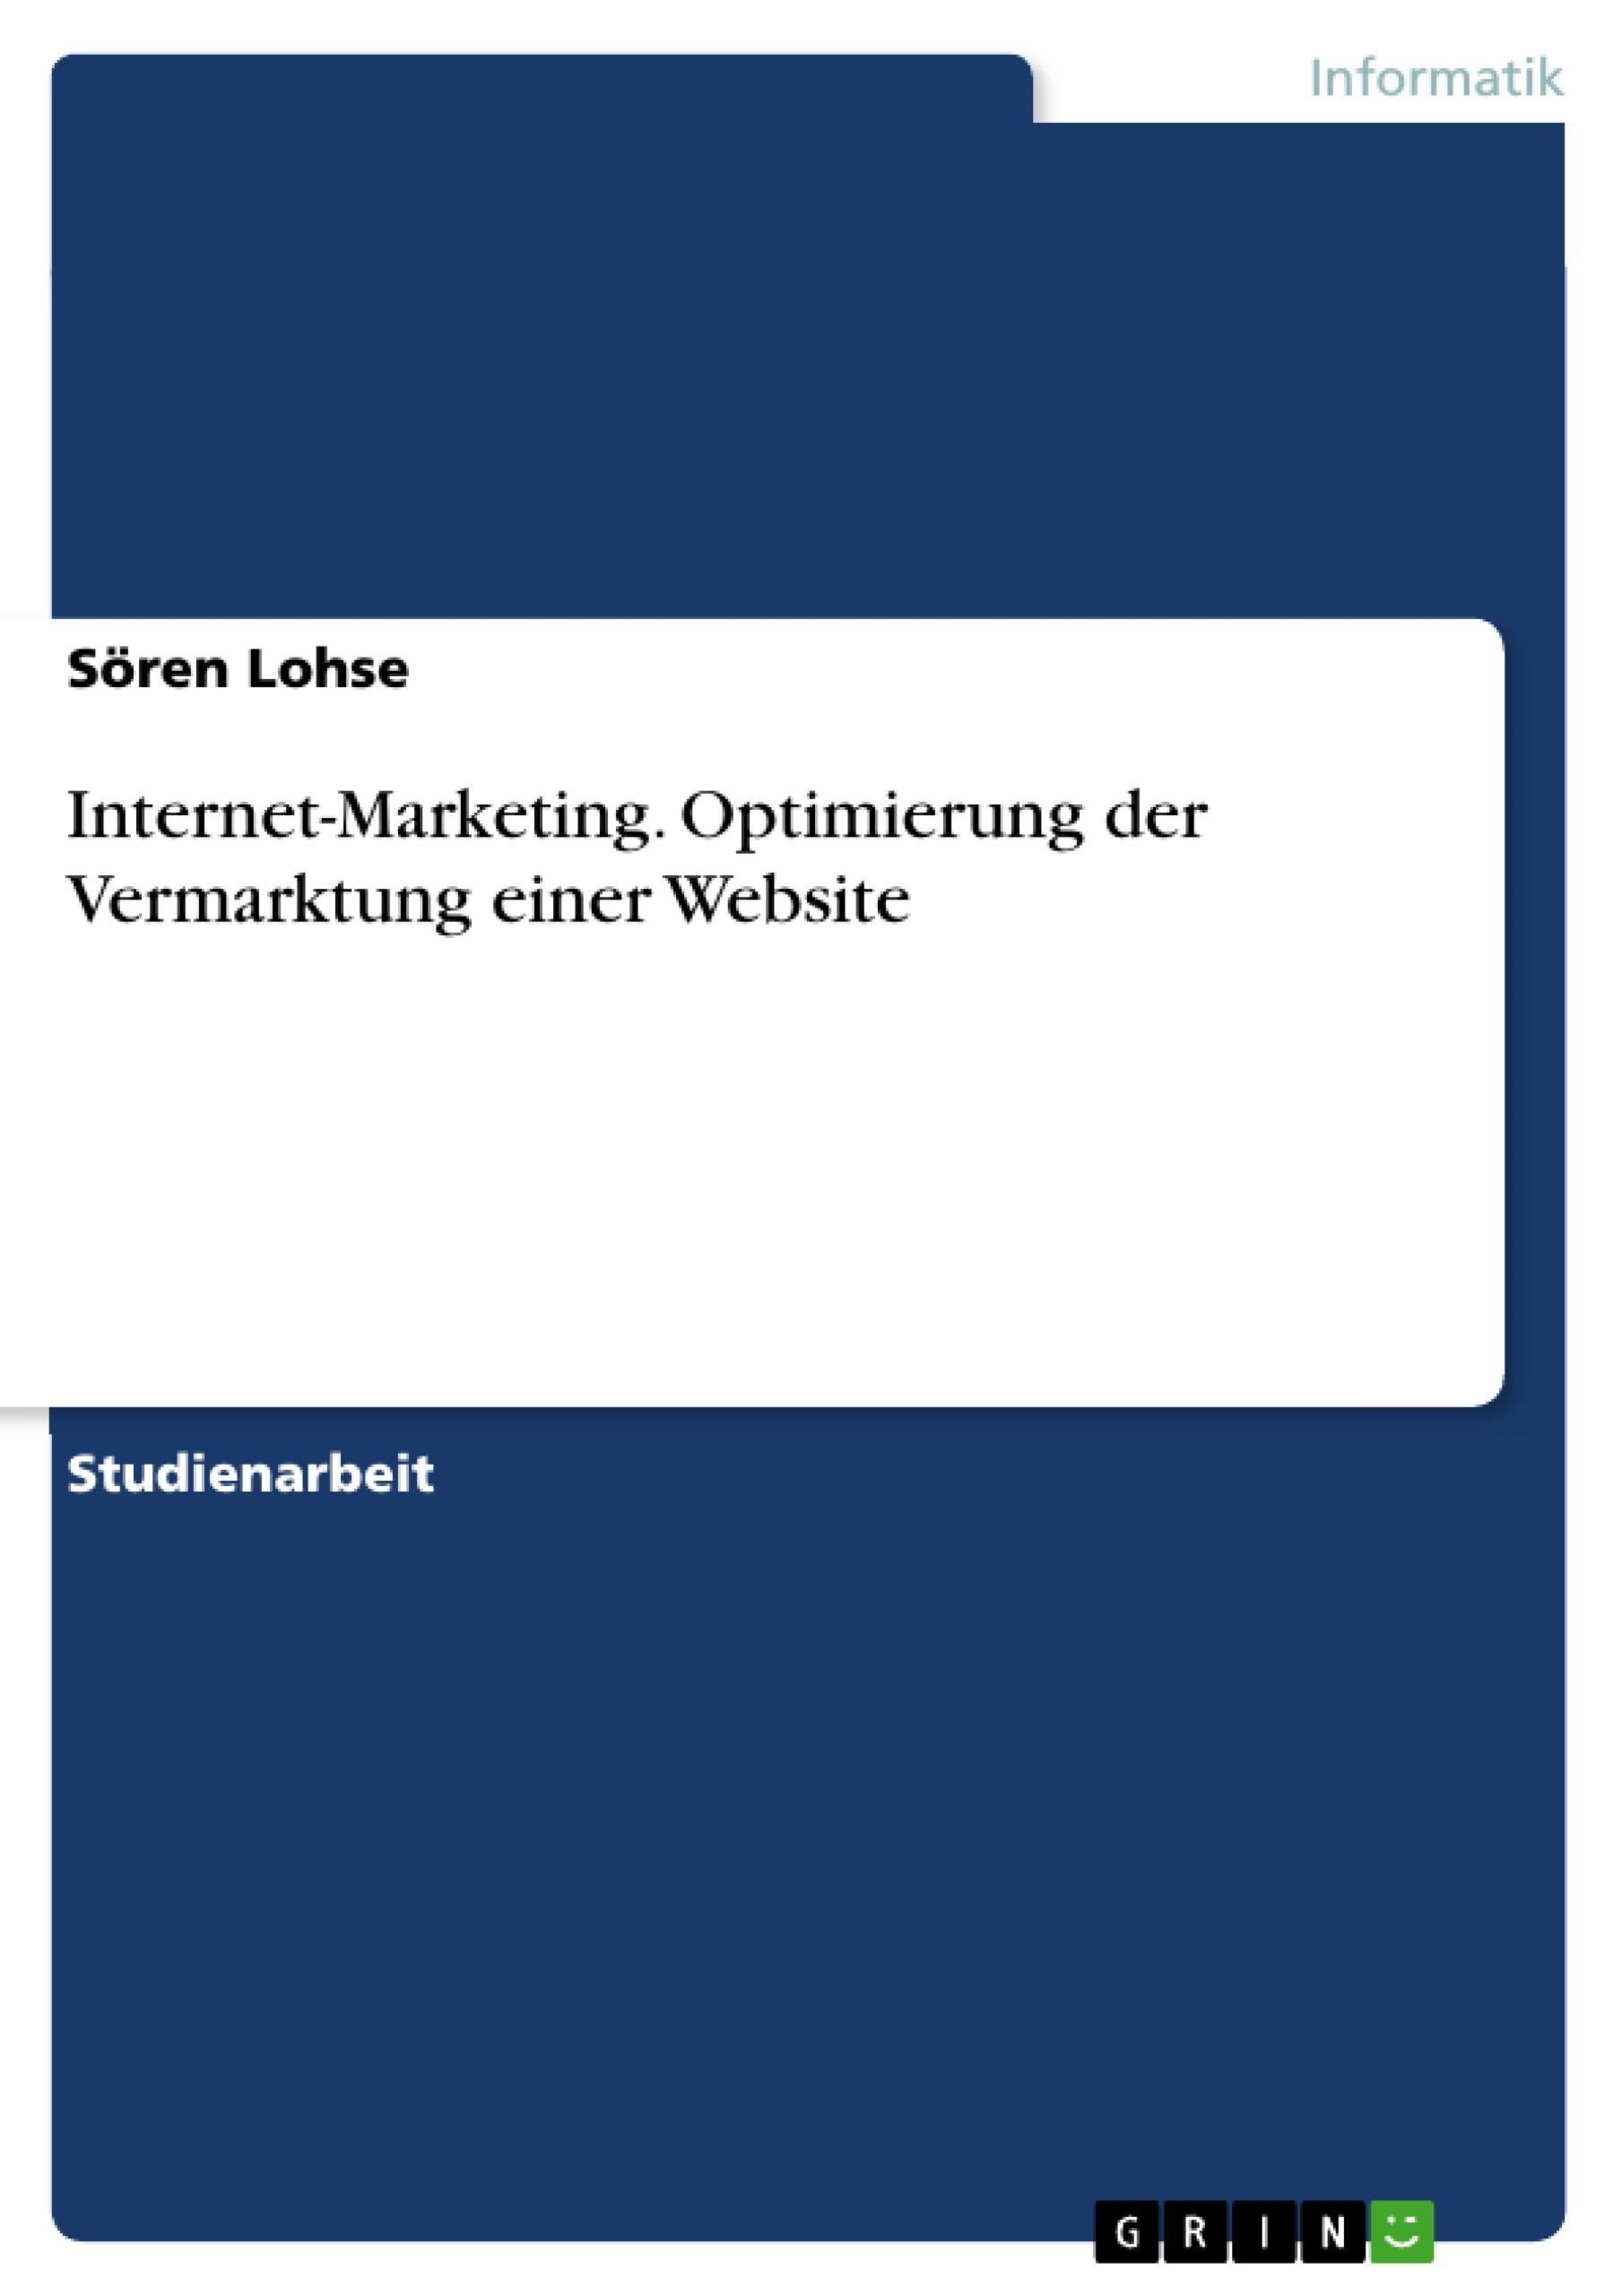 Titel: Internet-Marketing. Optimierung der Vermarktung einer Website